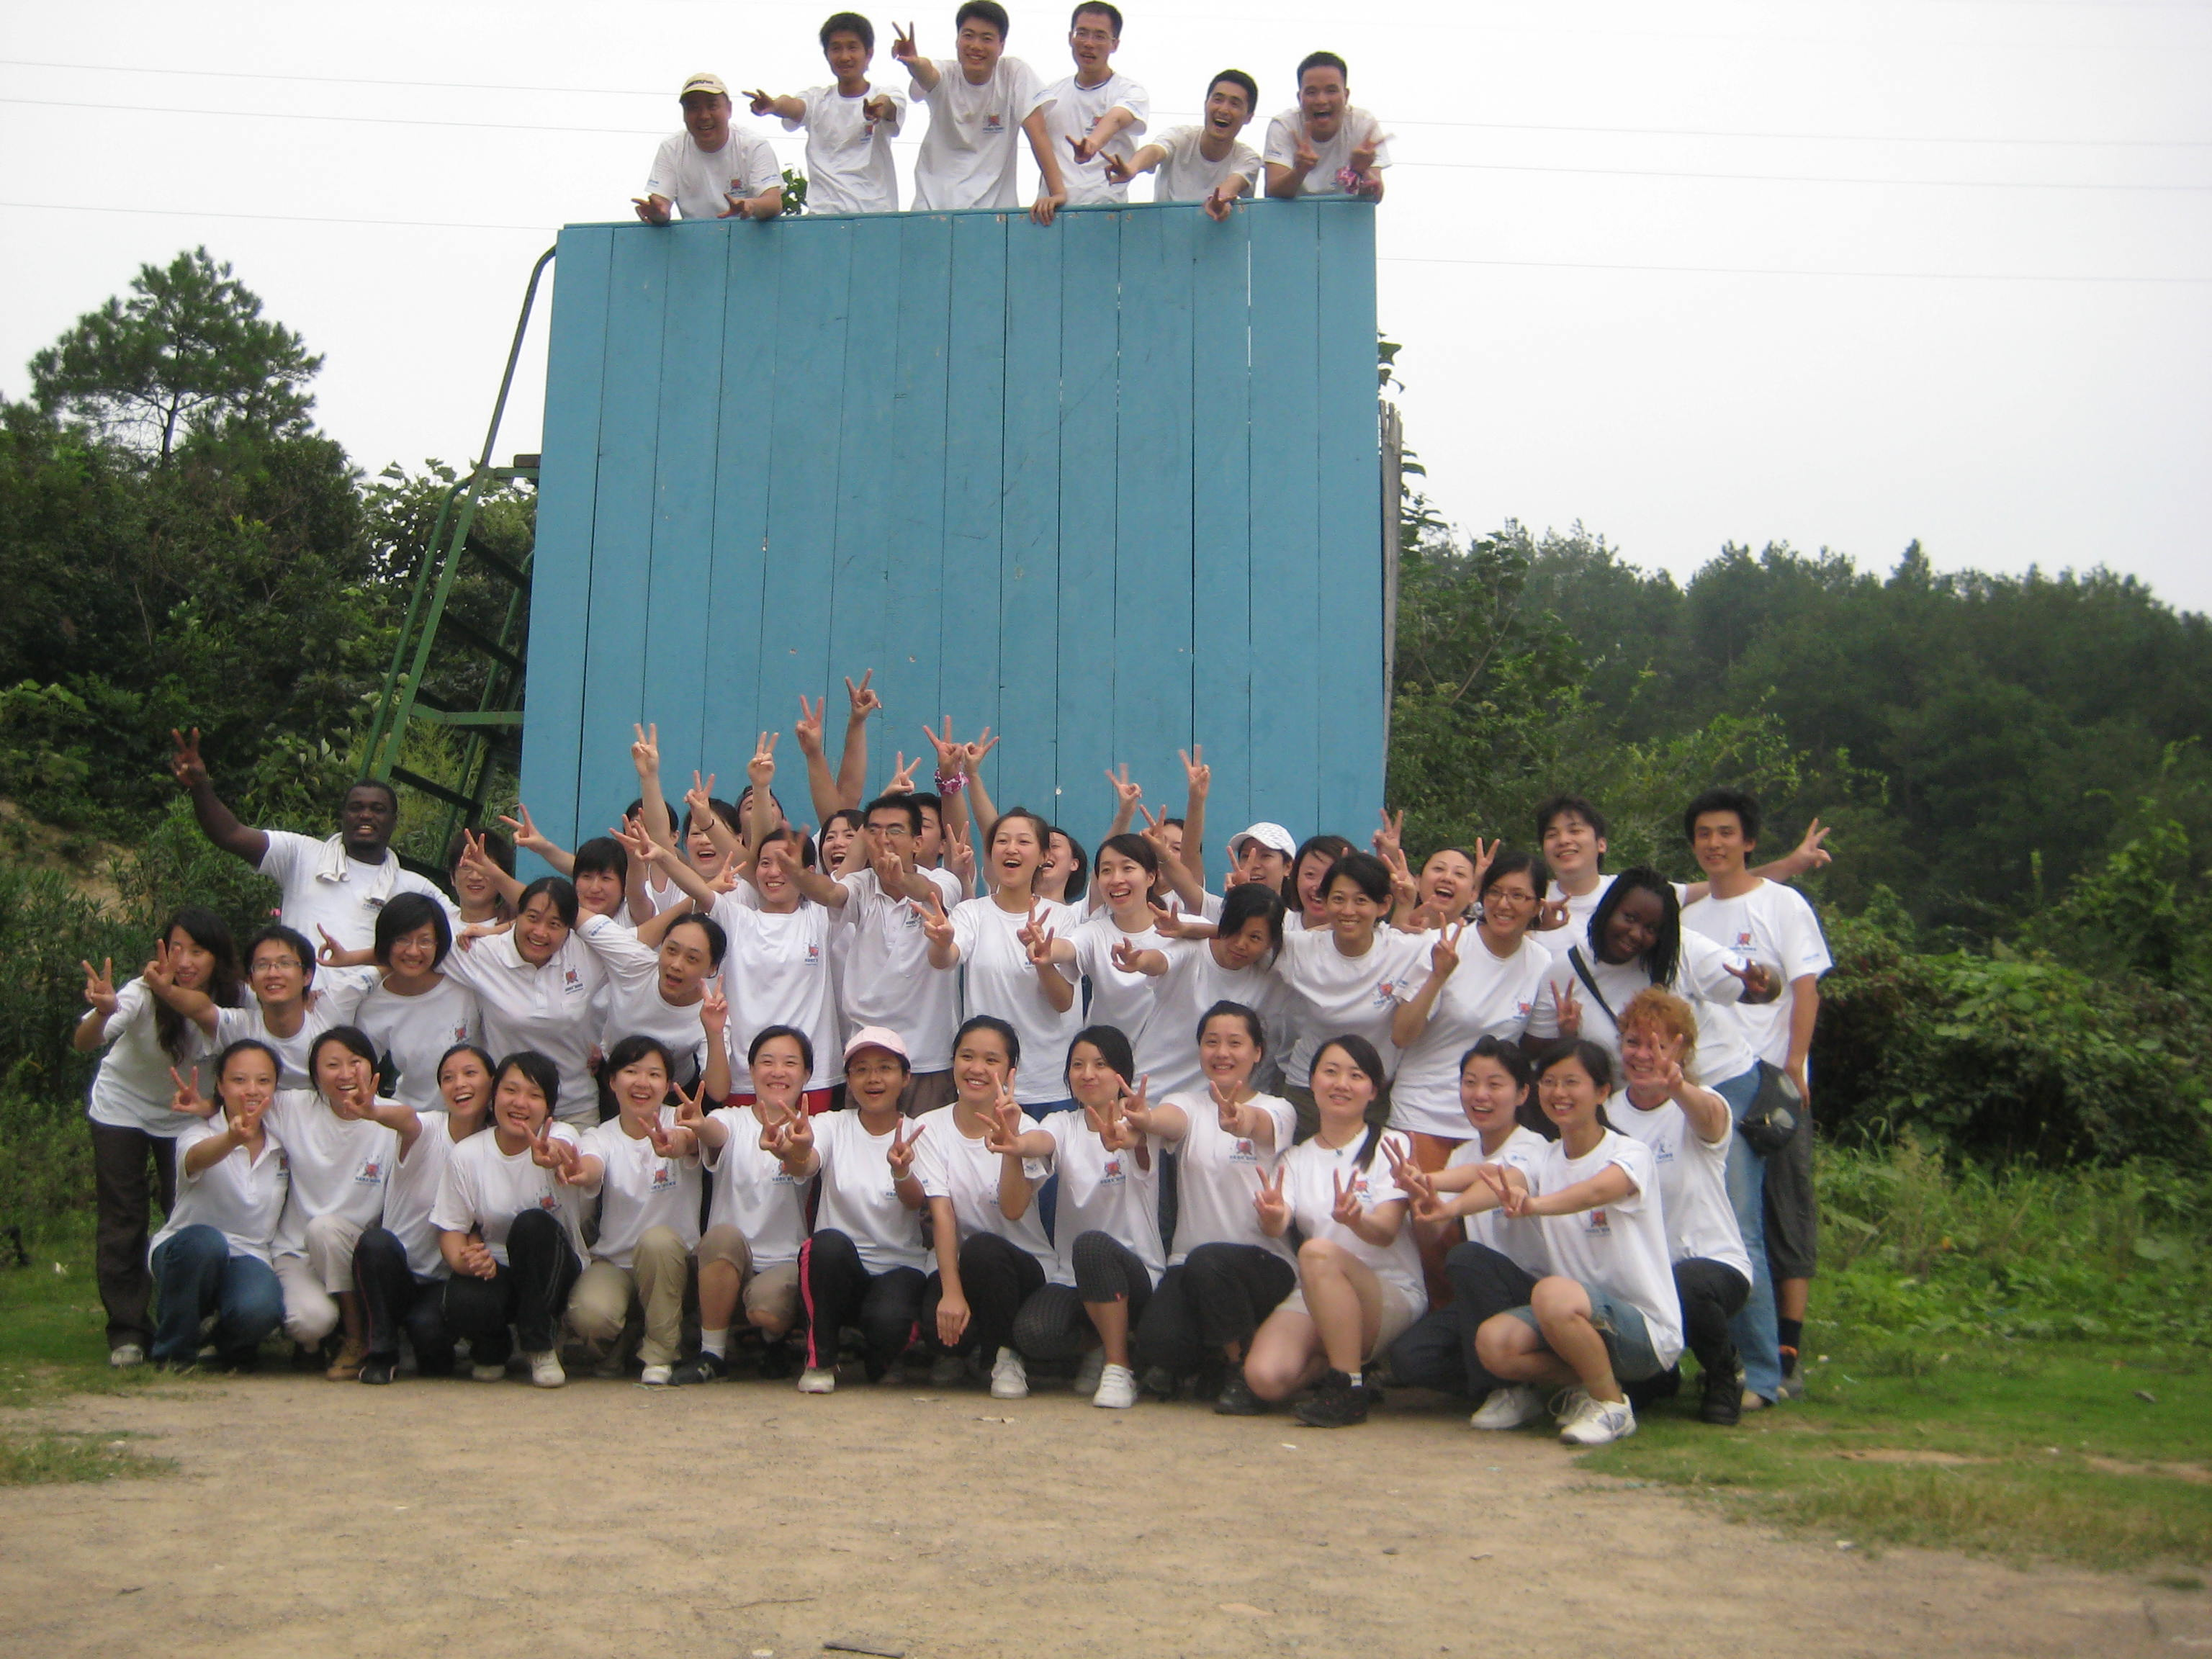 【原创】乐途,一家放心的培训机构 拓展训练对团队个人有什么作用